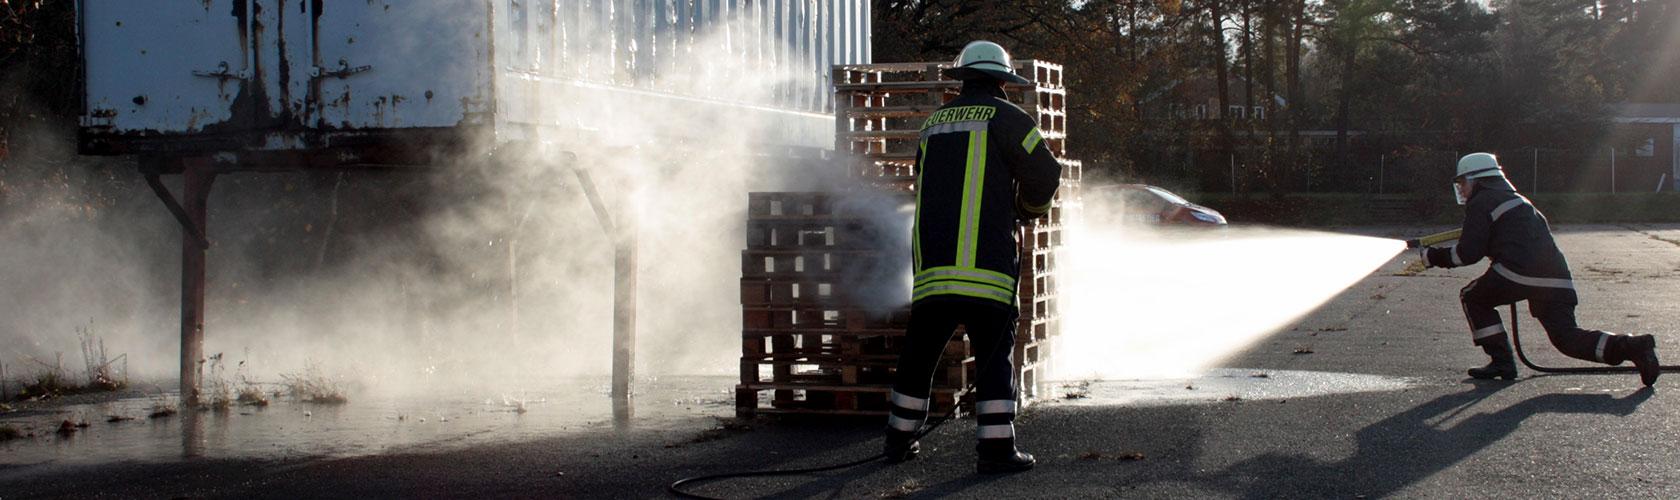 Brandschutzwache beim Training - brennendes Holz löschen